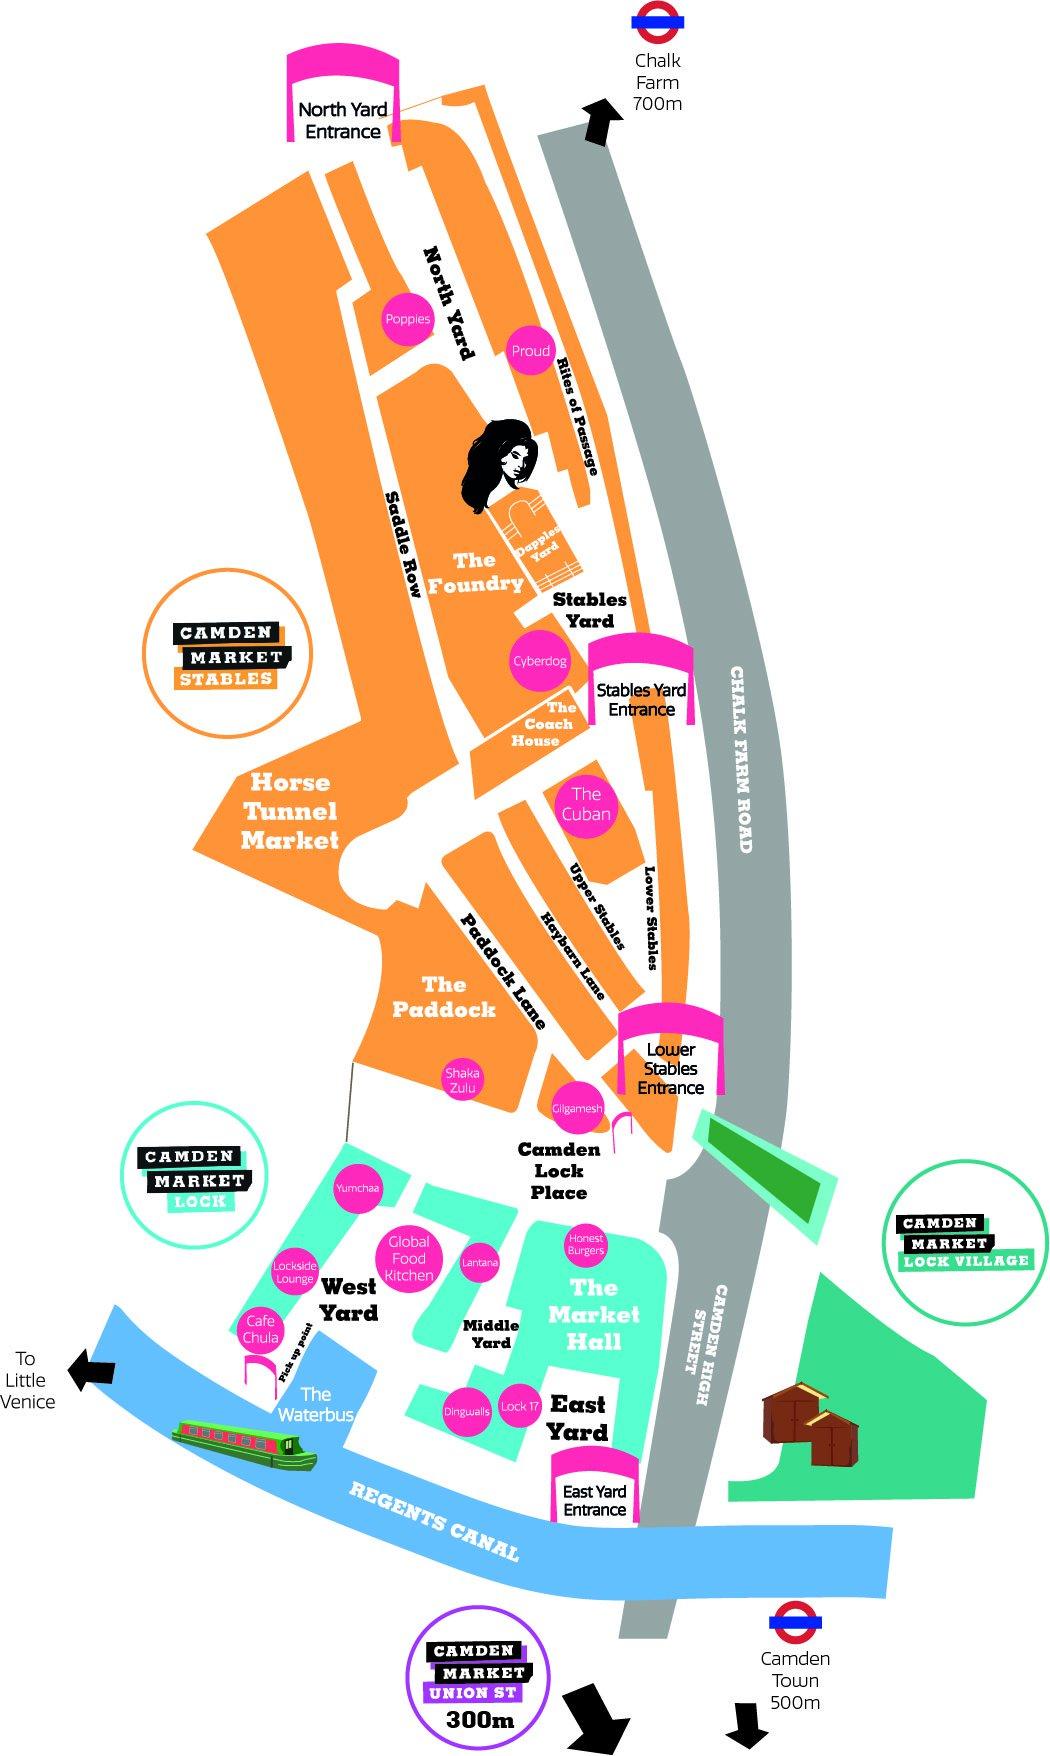 Camden Market map